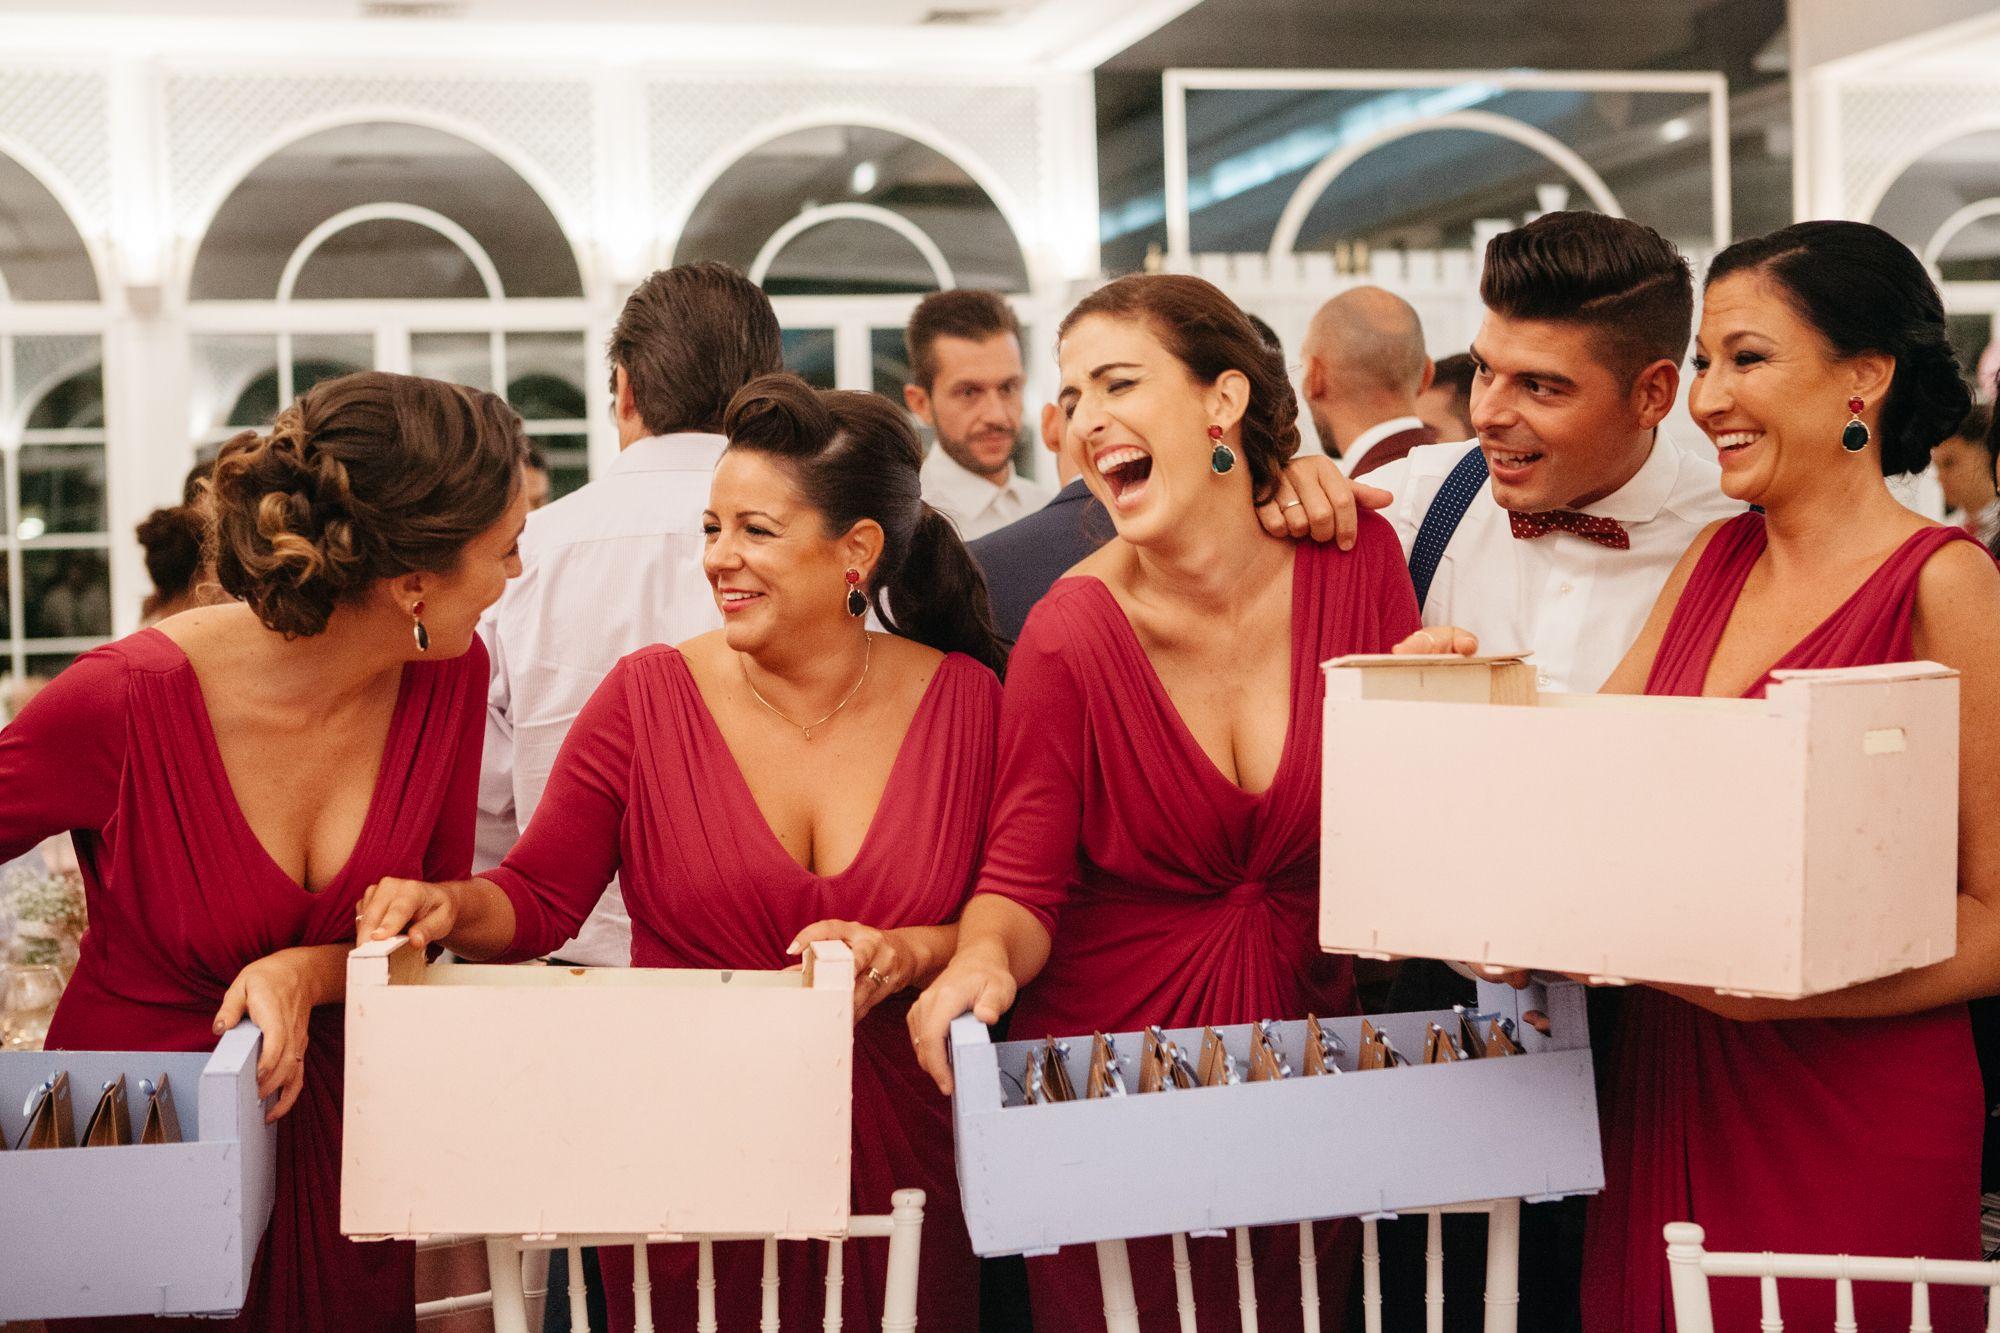 La boda de Amanda y Jorge en Villa Luisa 44